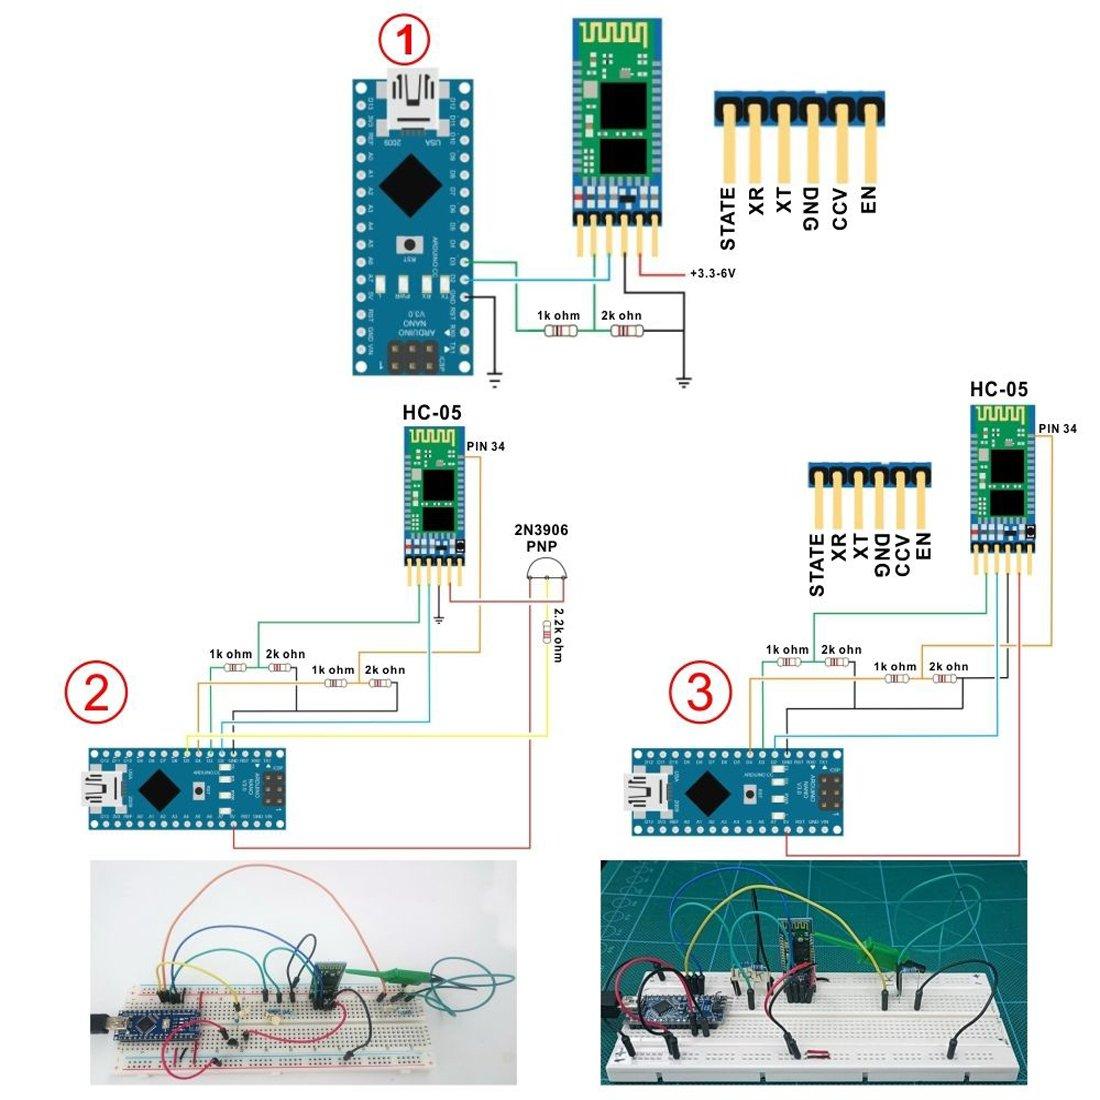 Kedsum Bluetooth Wiring Diagram Cadet Baboard Heater Wiring Diagram – Kedsum Bluetooth Wiring Diagram